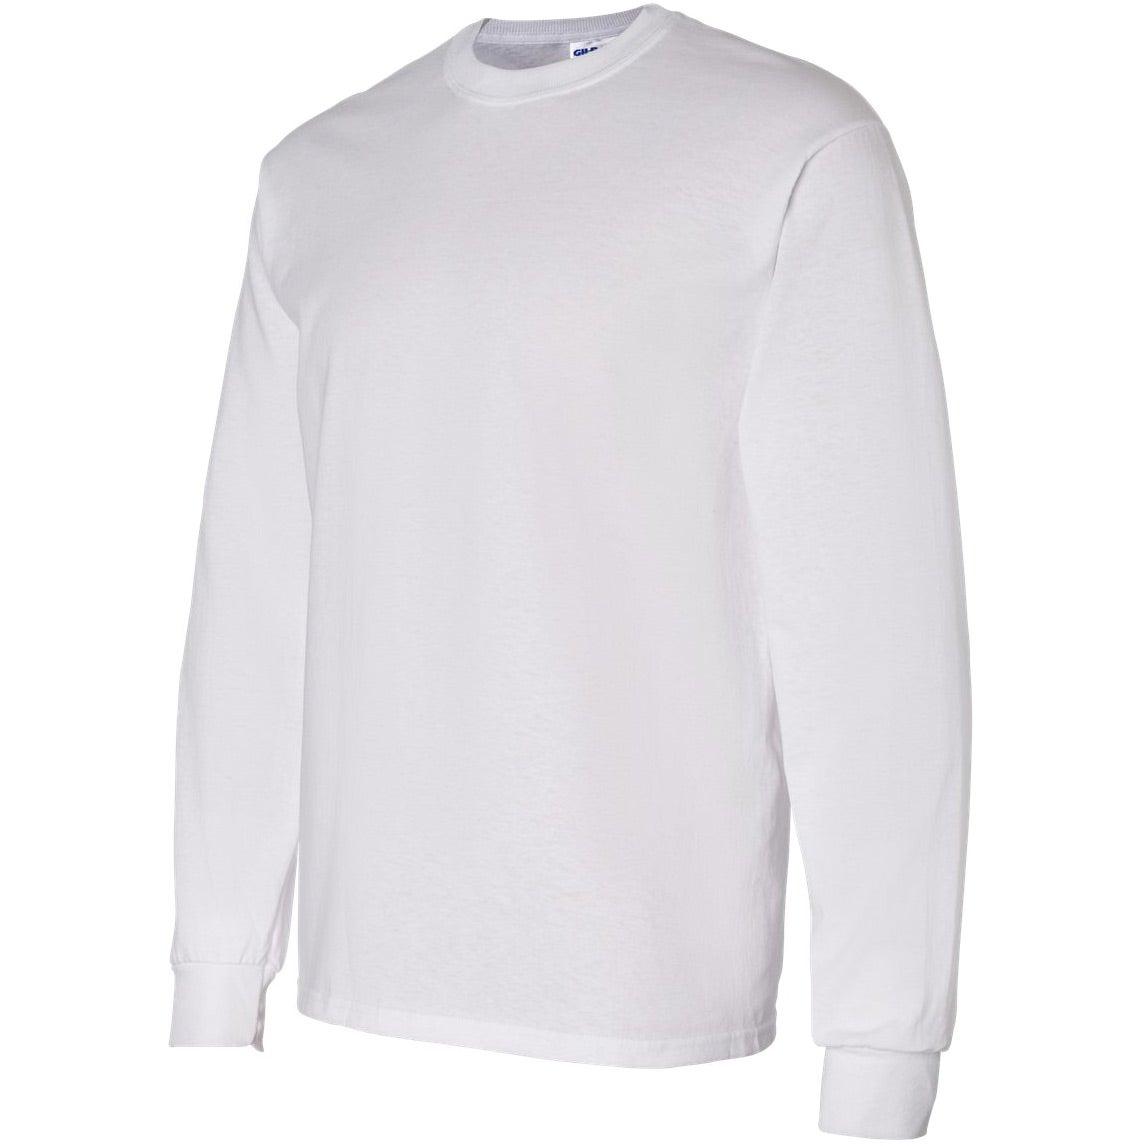 087e1531d Gildan Heavy Cotton Shirt Colors - DREAMWORKS